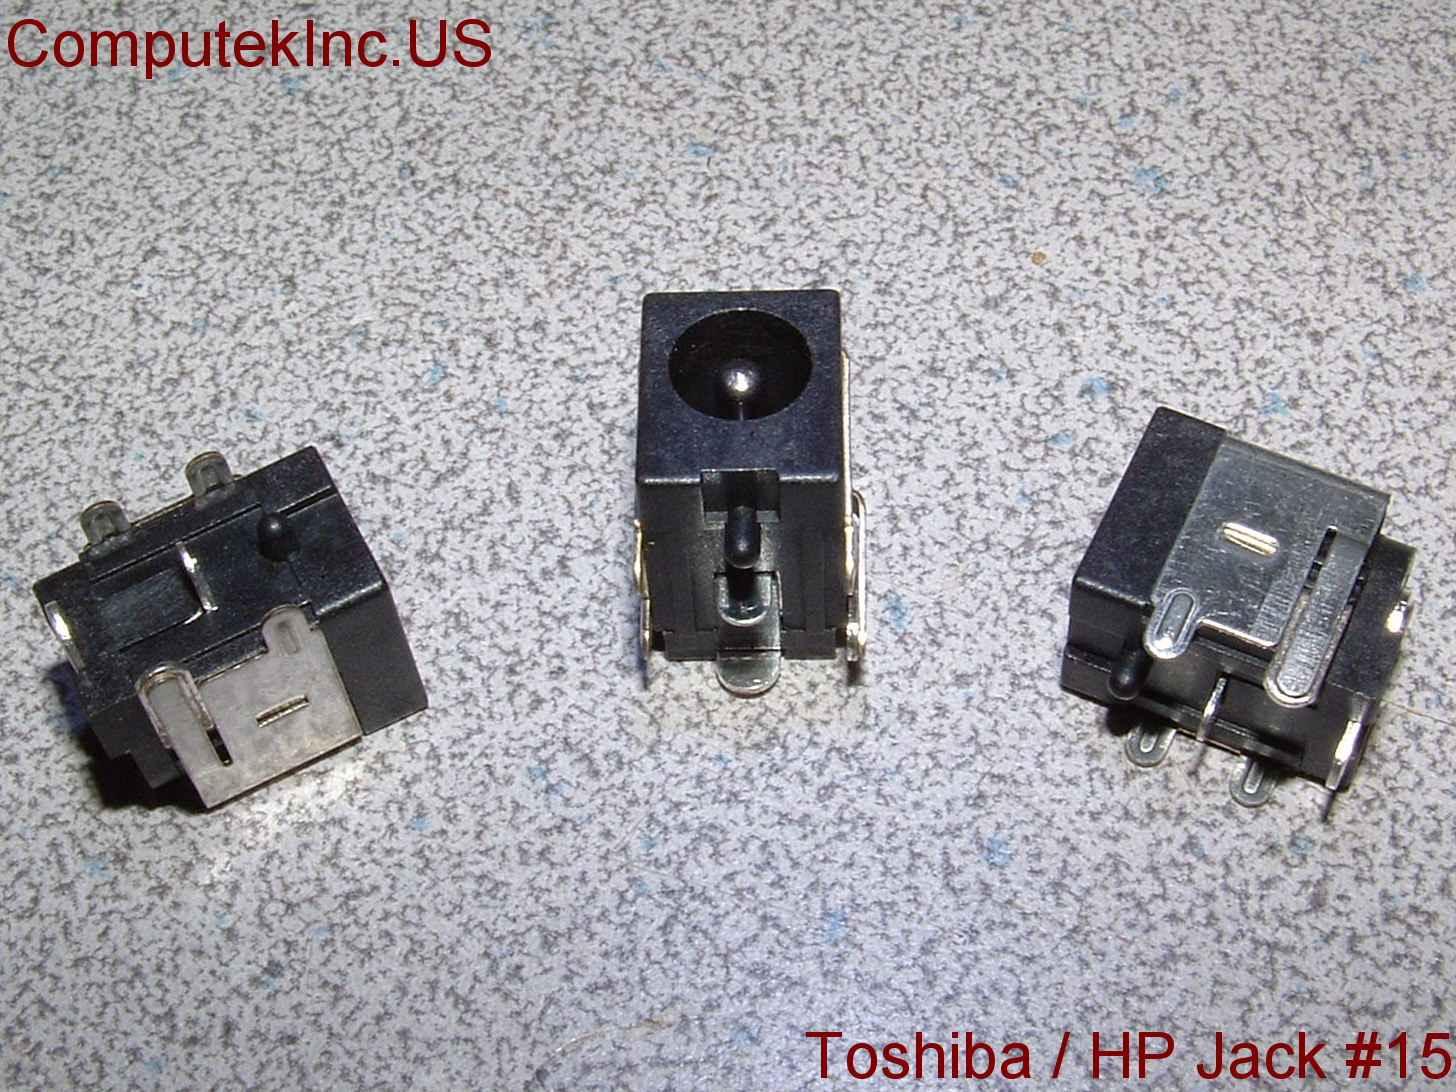 Toshiba satellite 1135-s155